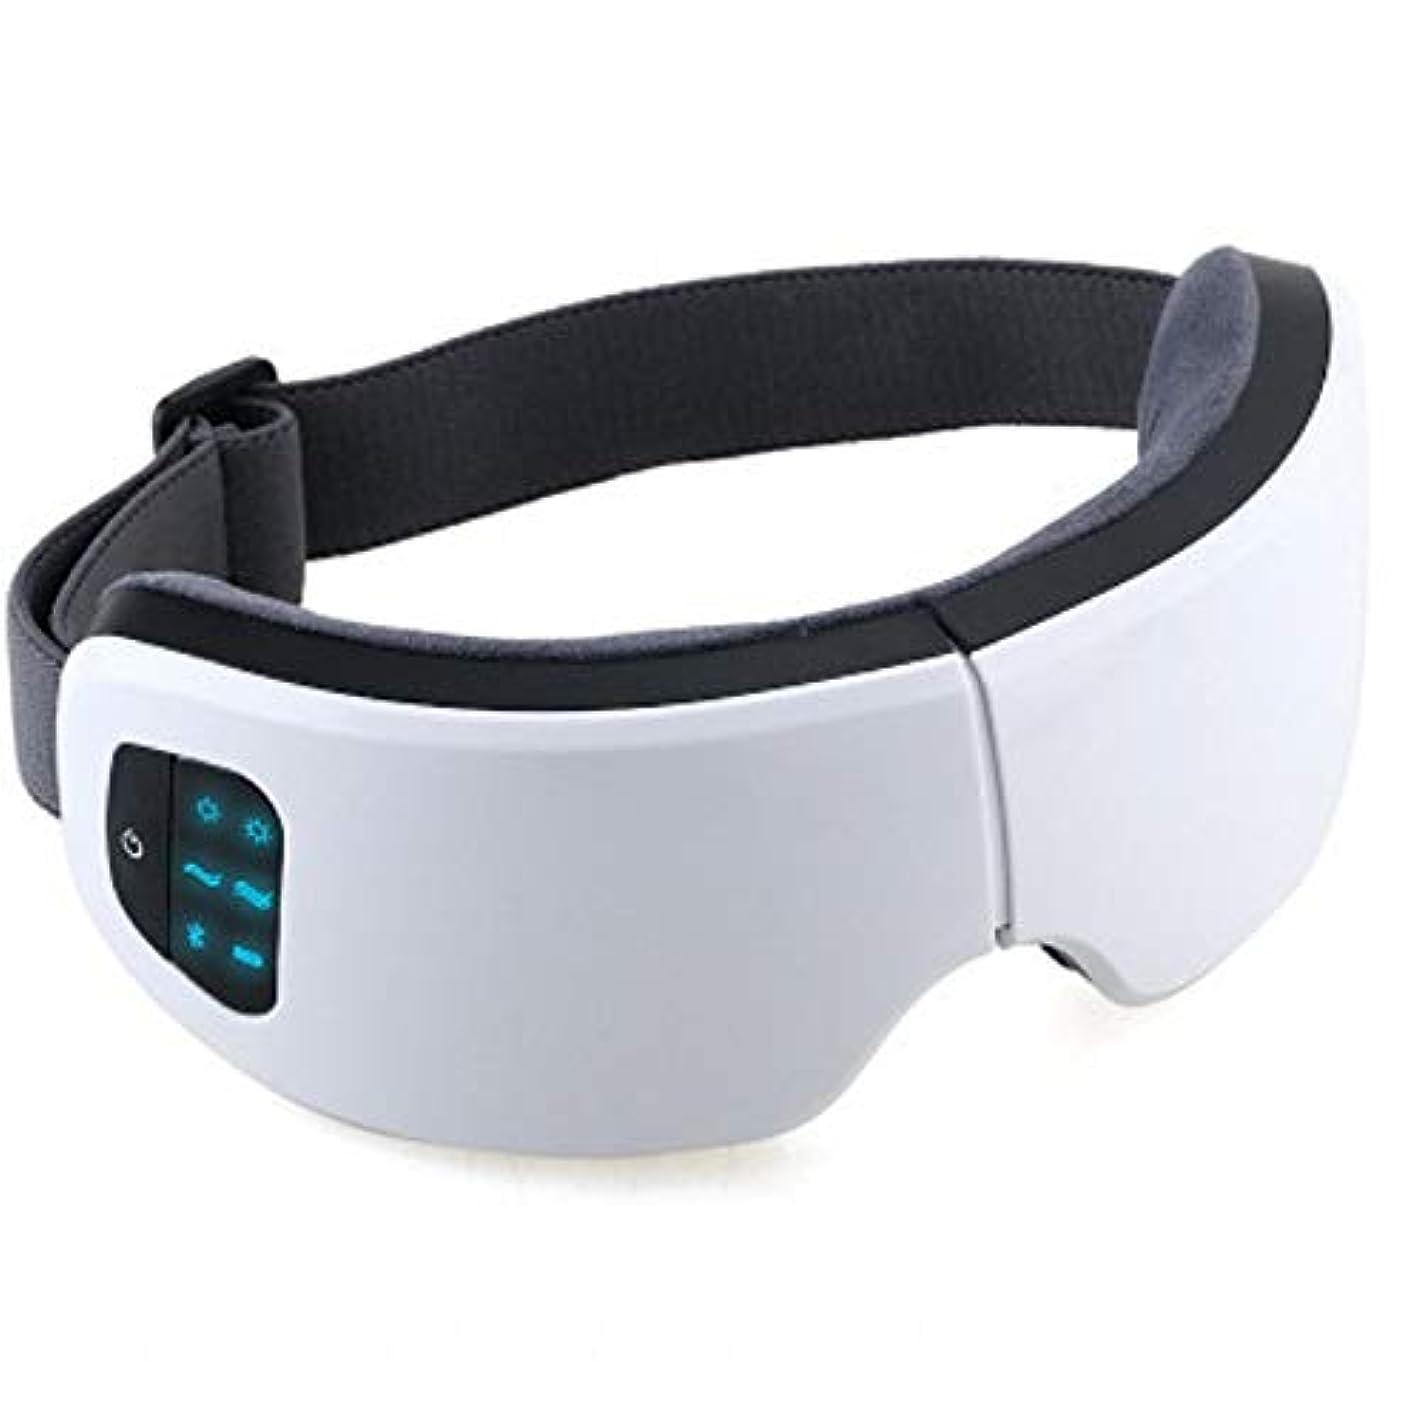 絞るチェリーいいねMeet now 高度の目のマッサージャー、暖房モードの無線再充電可能な折る目のマッサージャー 品質保証